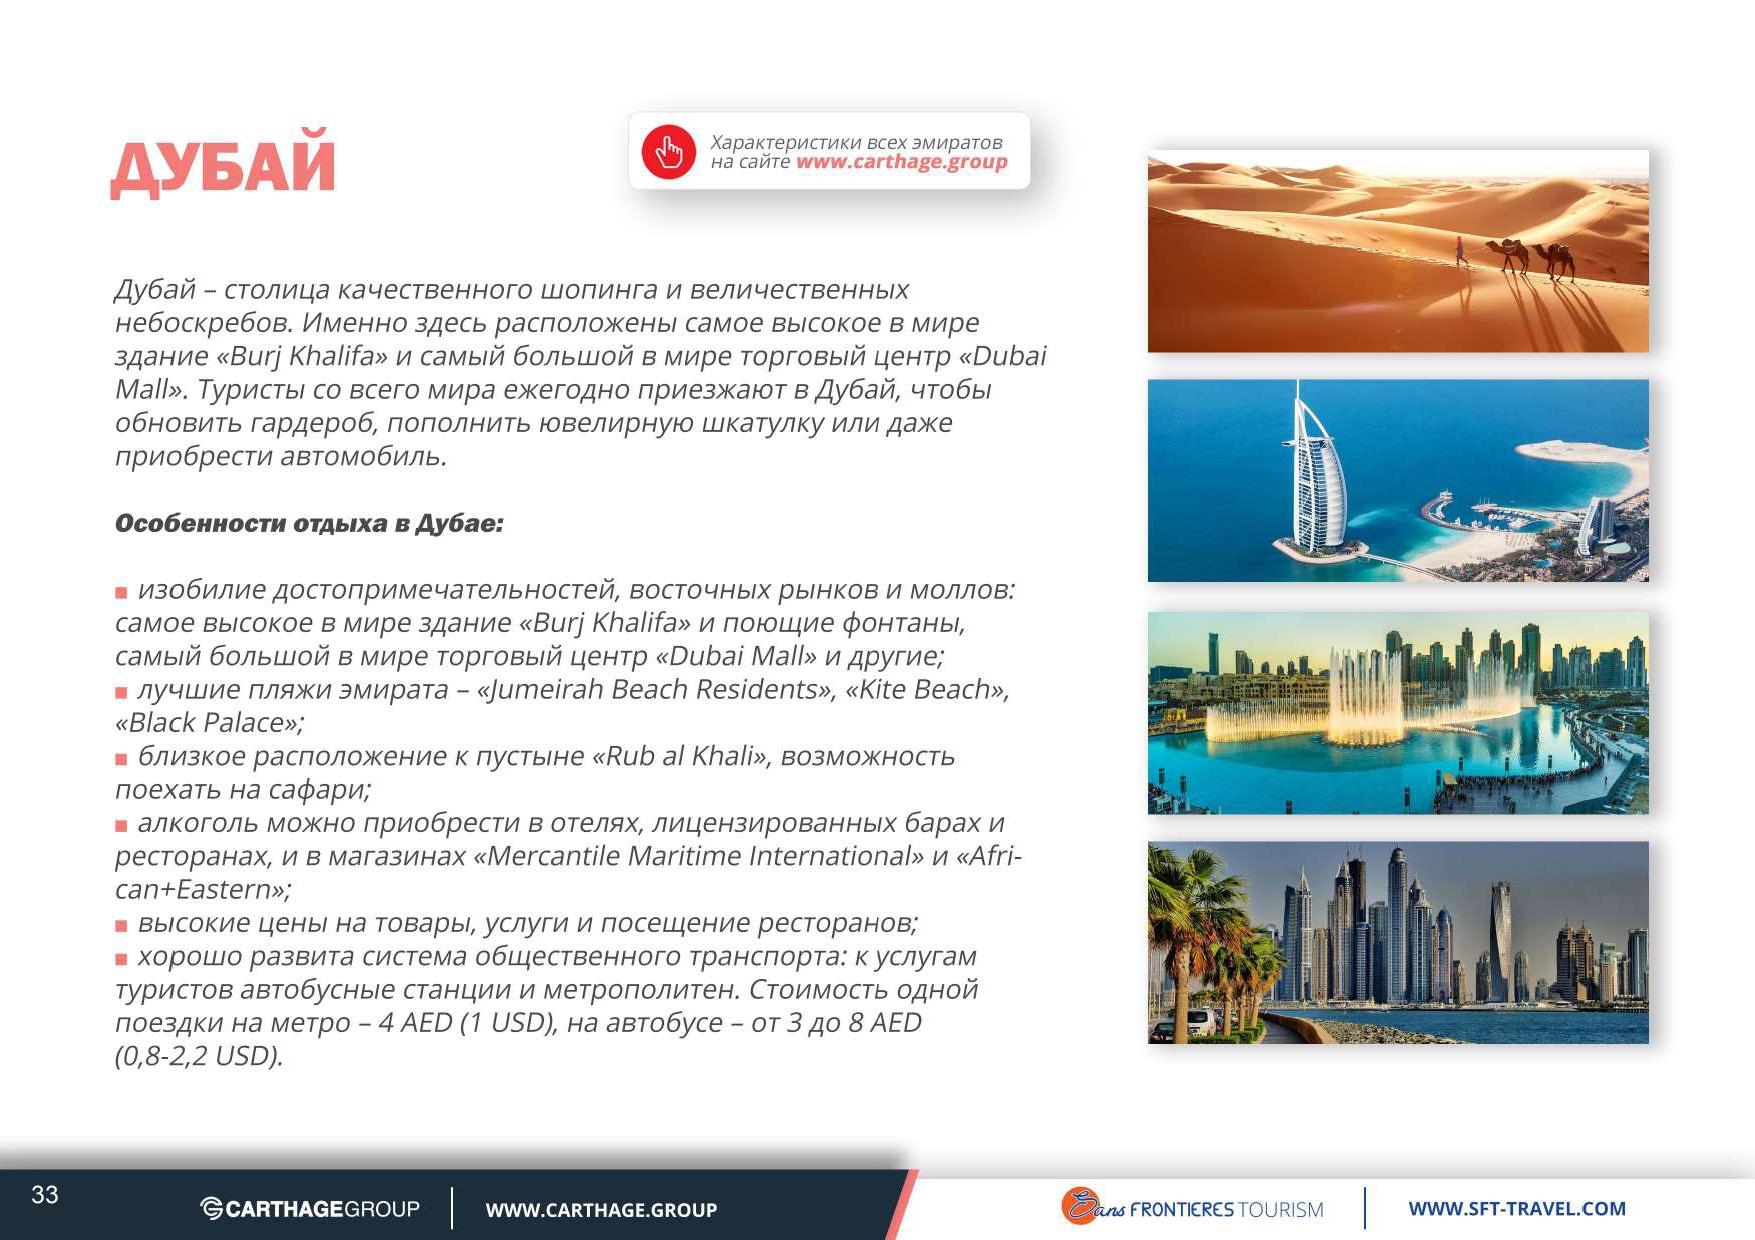 UAE presentation (32)